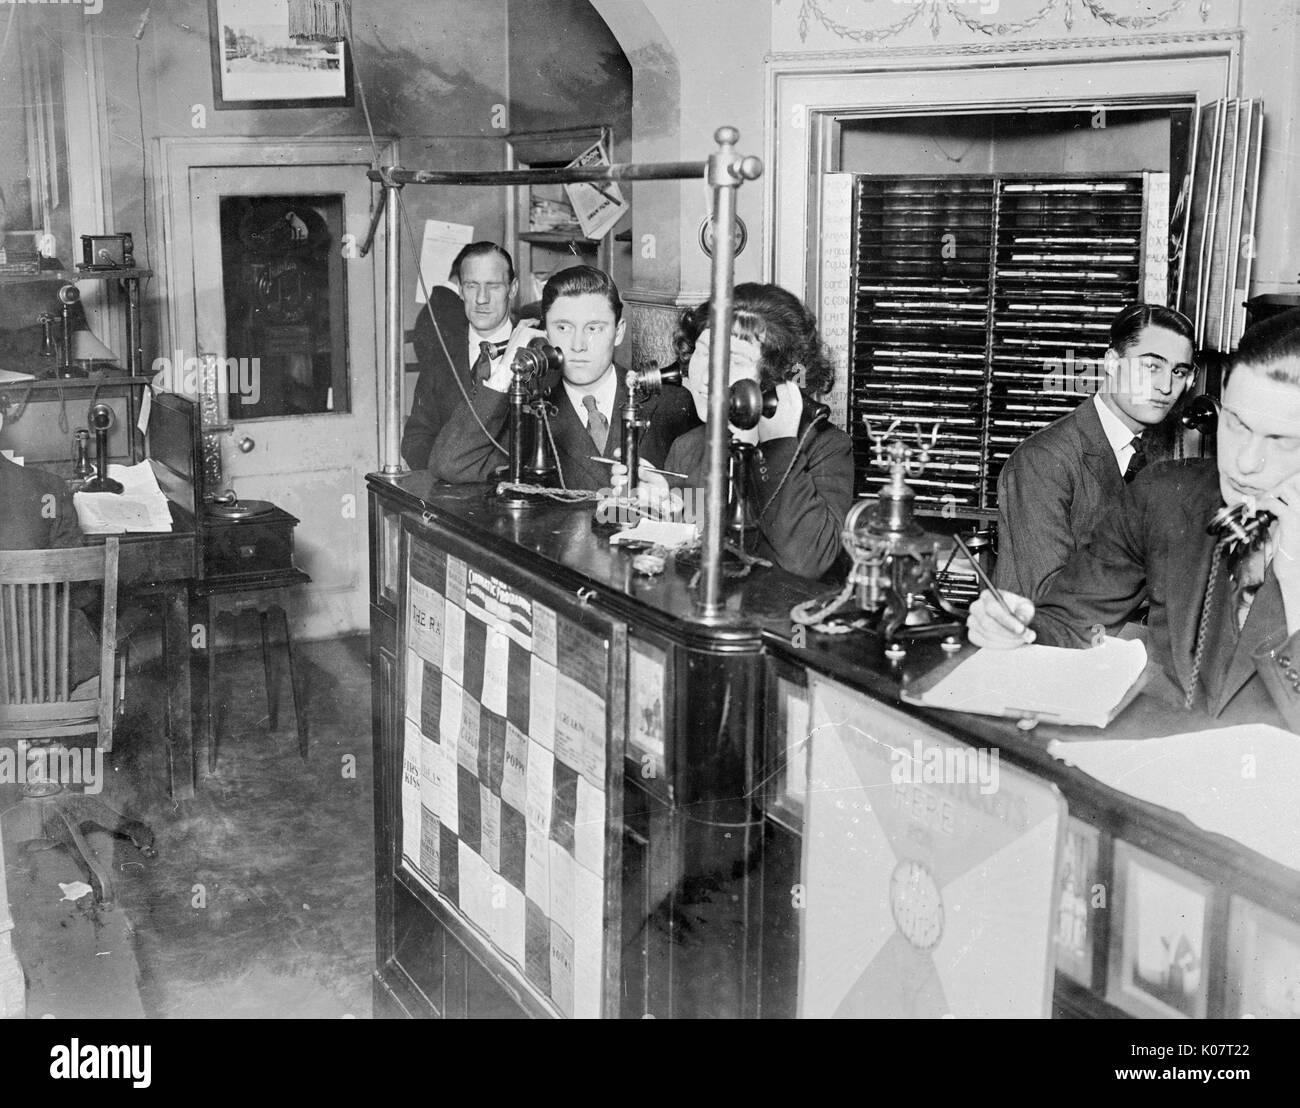 Gesellschaft für Unterhalter, mit Webster & Girling Ltd Theater ticket Box Office, obere Baker Street, London - Innenansicht, mit Personal bei der Arbeit am Telefon. 1924 Stockbild